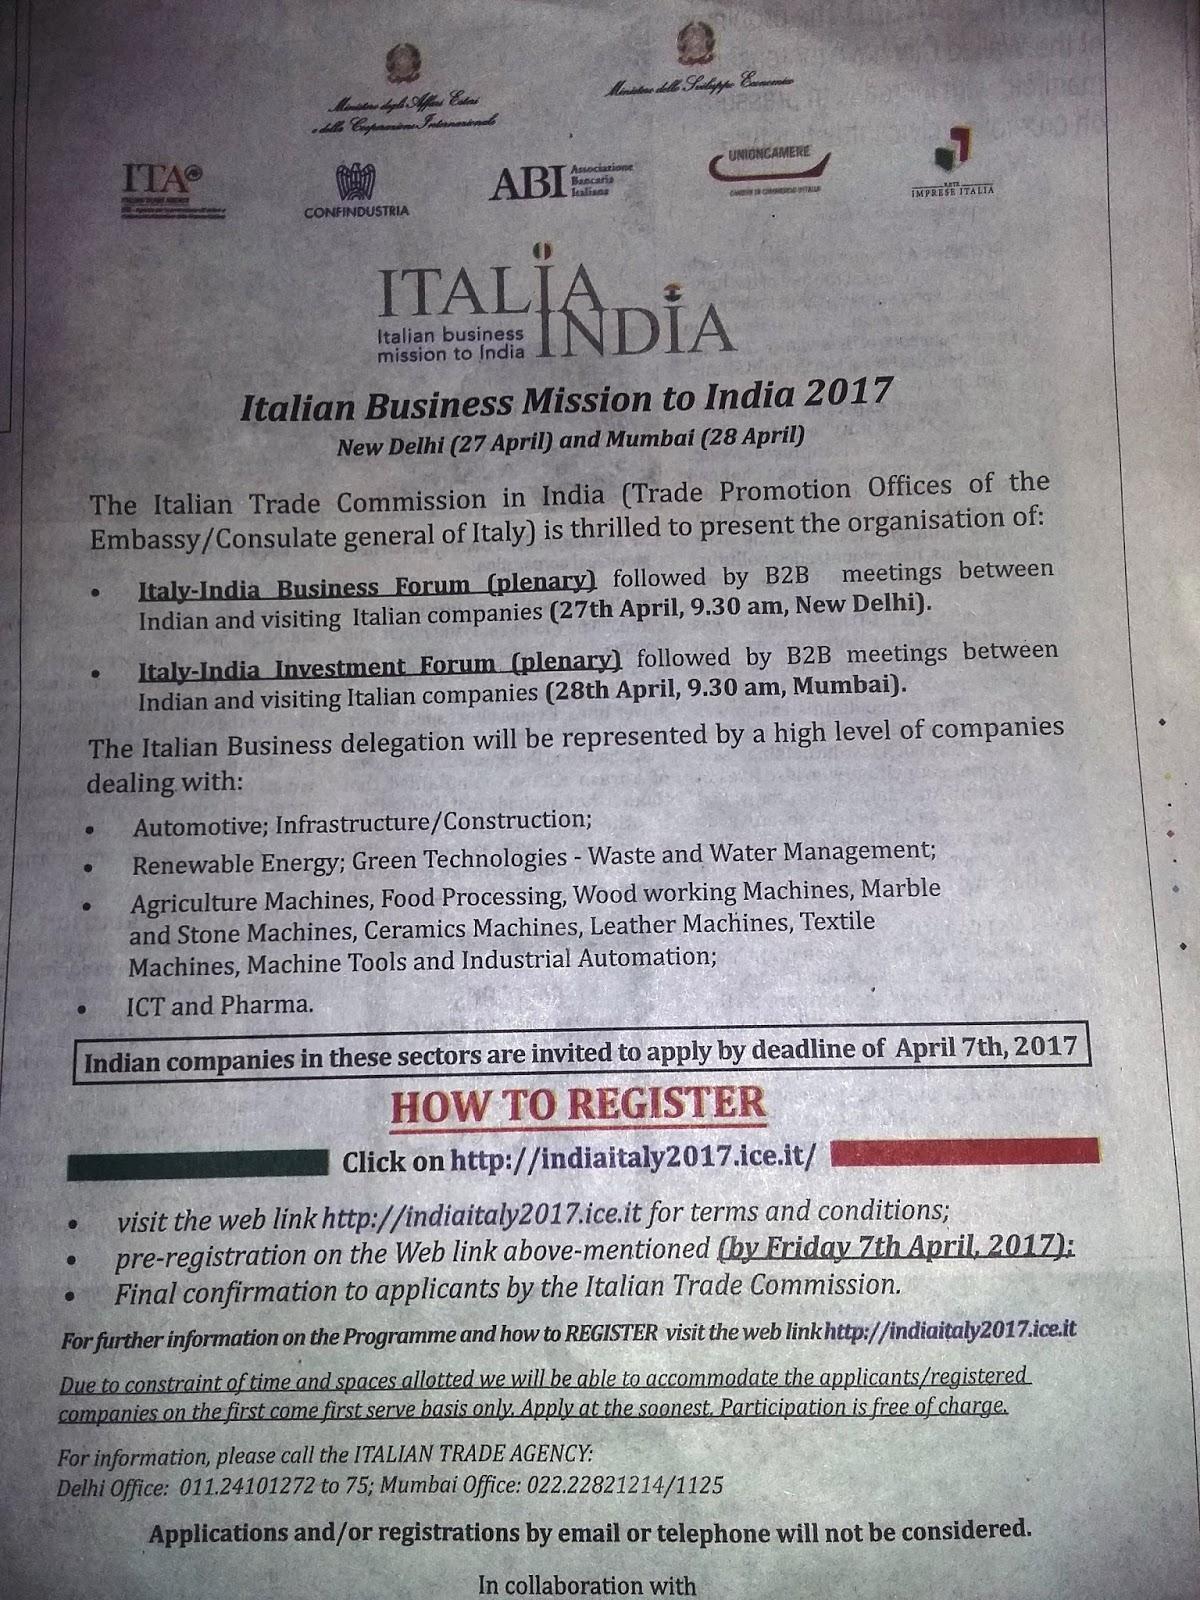 miglior sito di incontri gratuito a Delhi applicazioni popolari siti di incontri